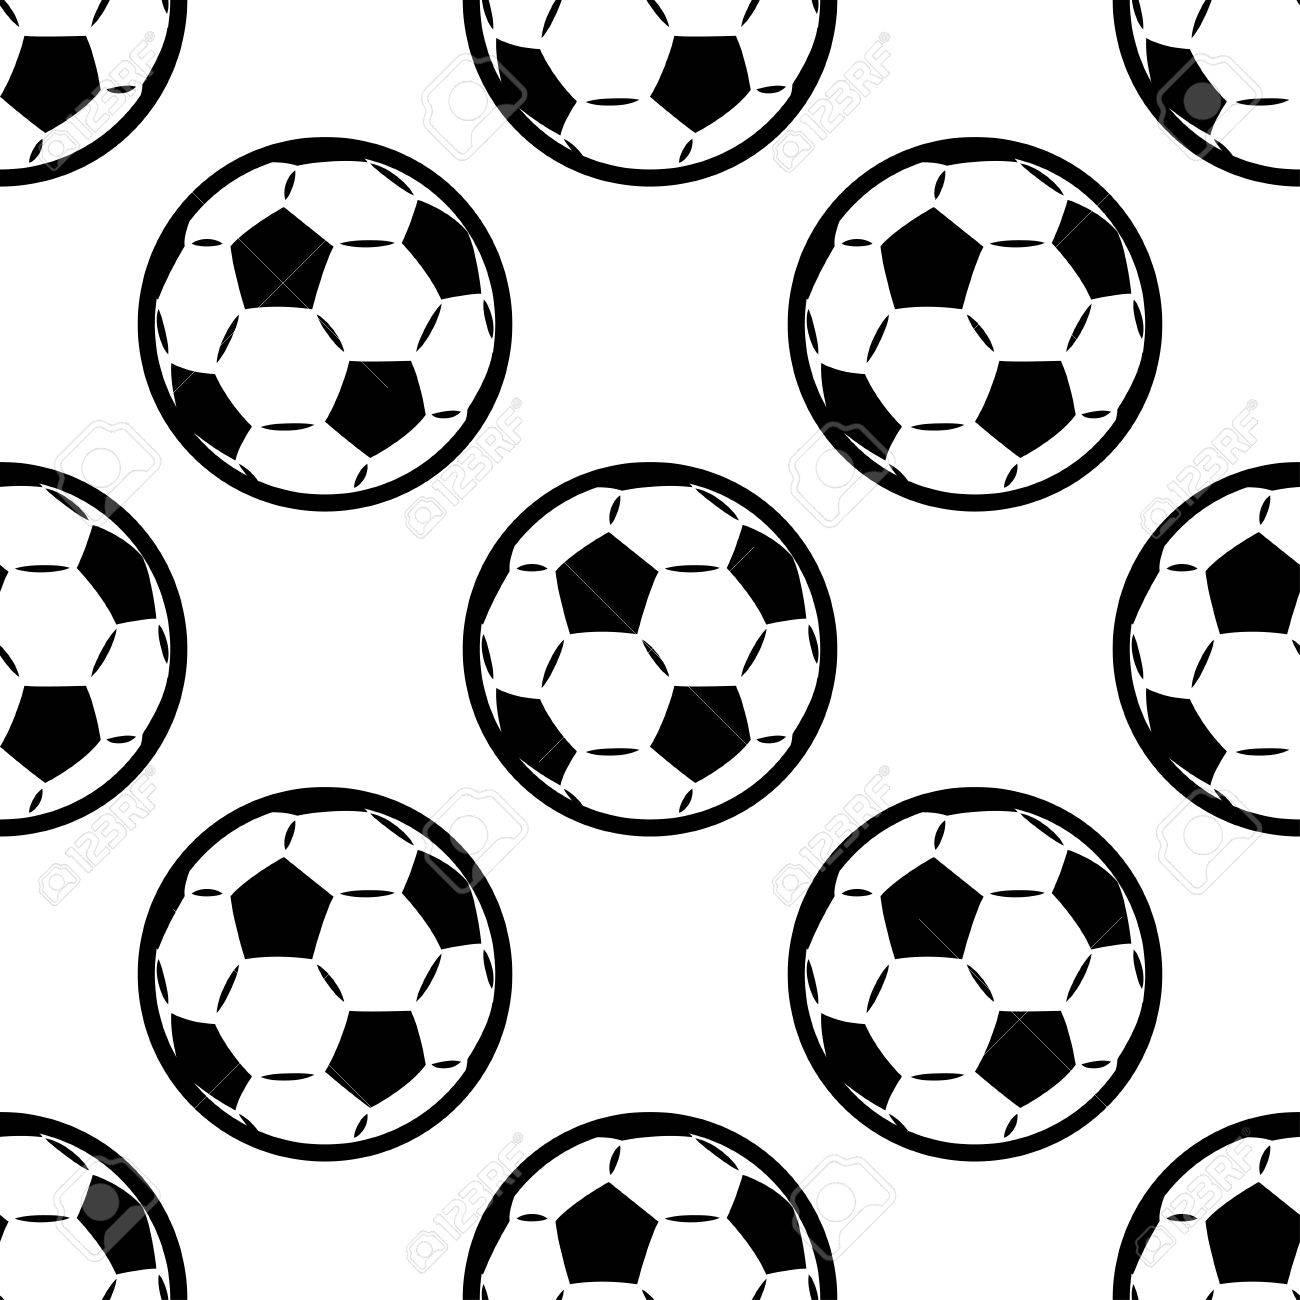 Patrón De Fondo Sin Fisuras En Blanco Y Negro De Balones De Fútbol O ...